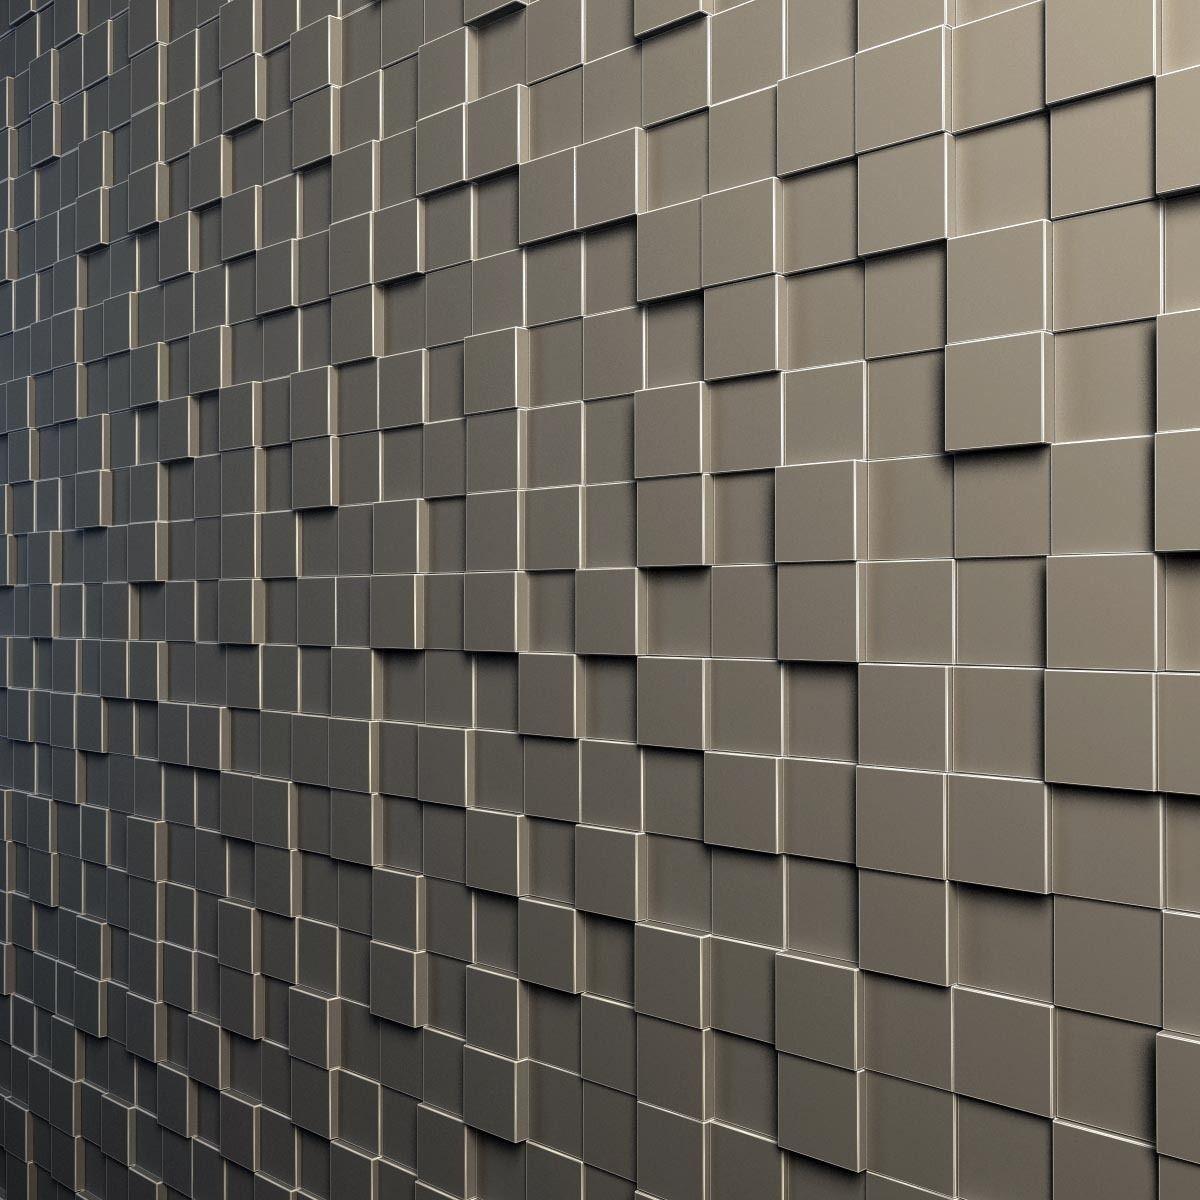 3d Wallpaper For Interior Decoration Teak Interior Cladding 3d Wall 3d Model Max Obj 3ds